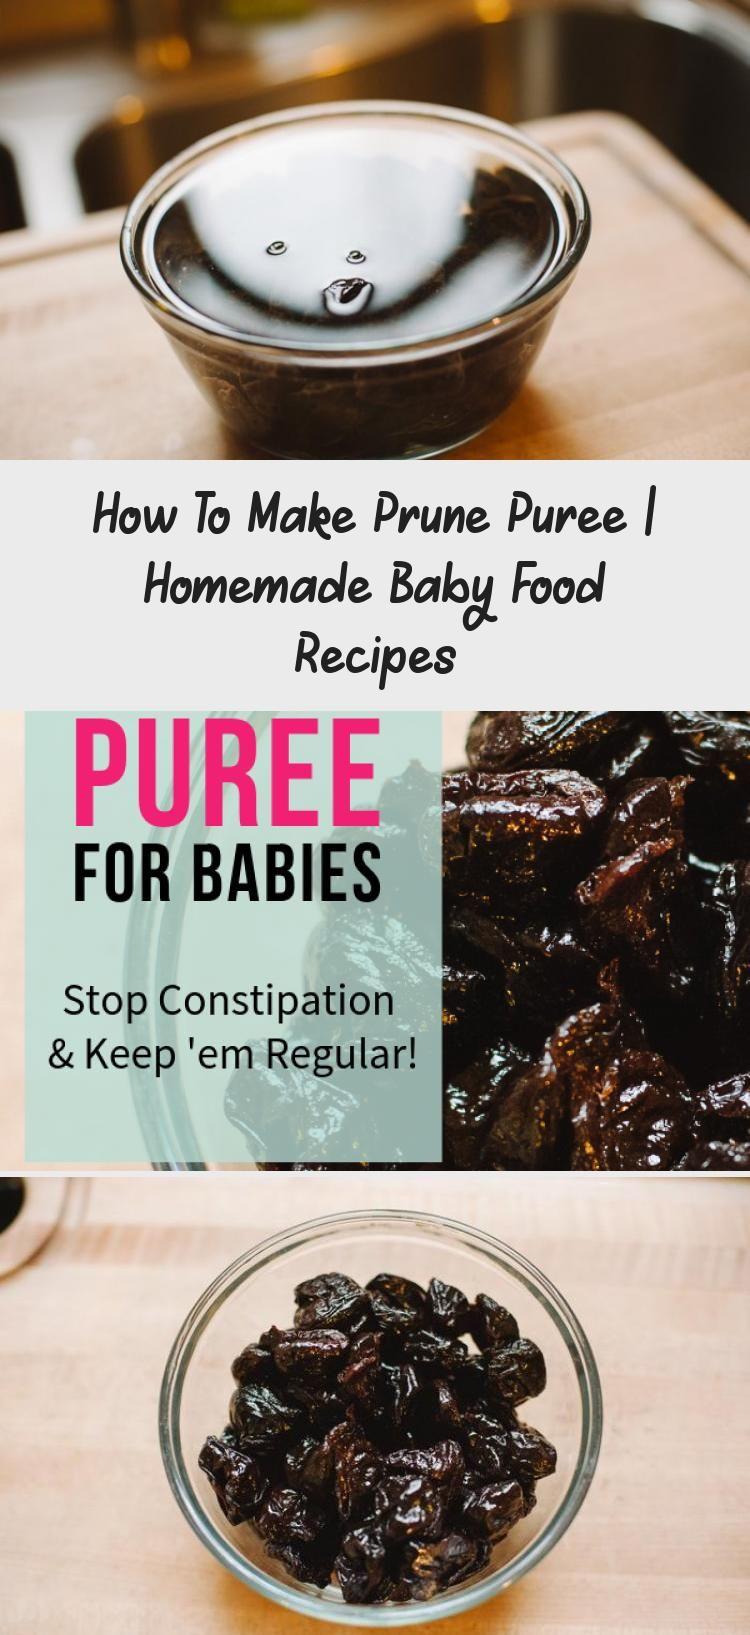 How To Make Prune Puree Homemade baby, Homemade baby